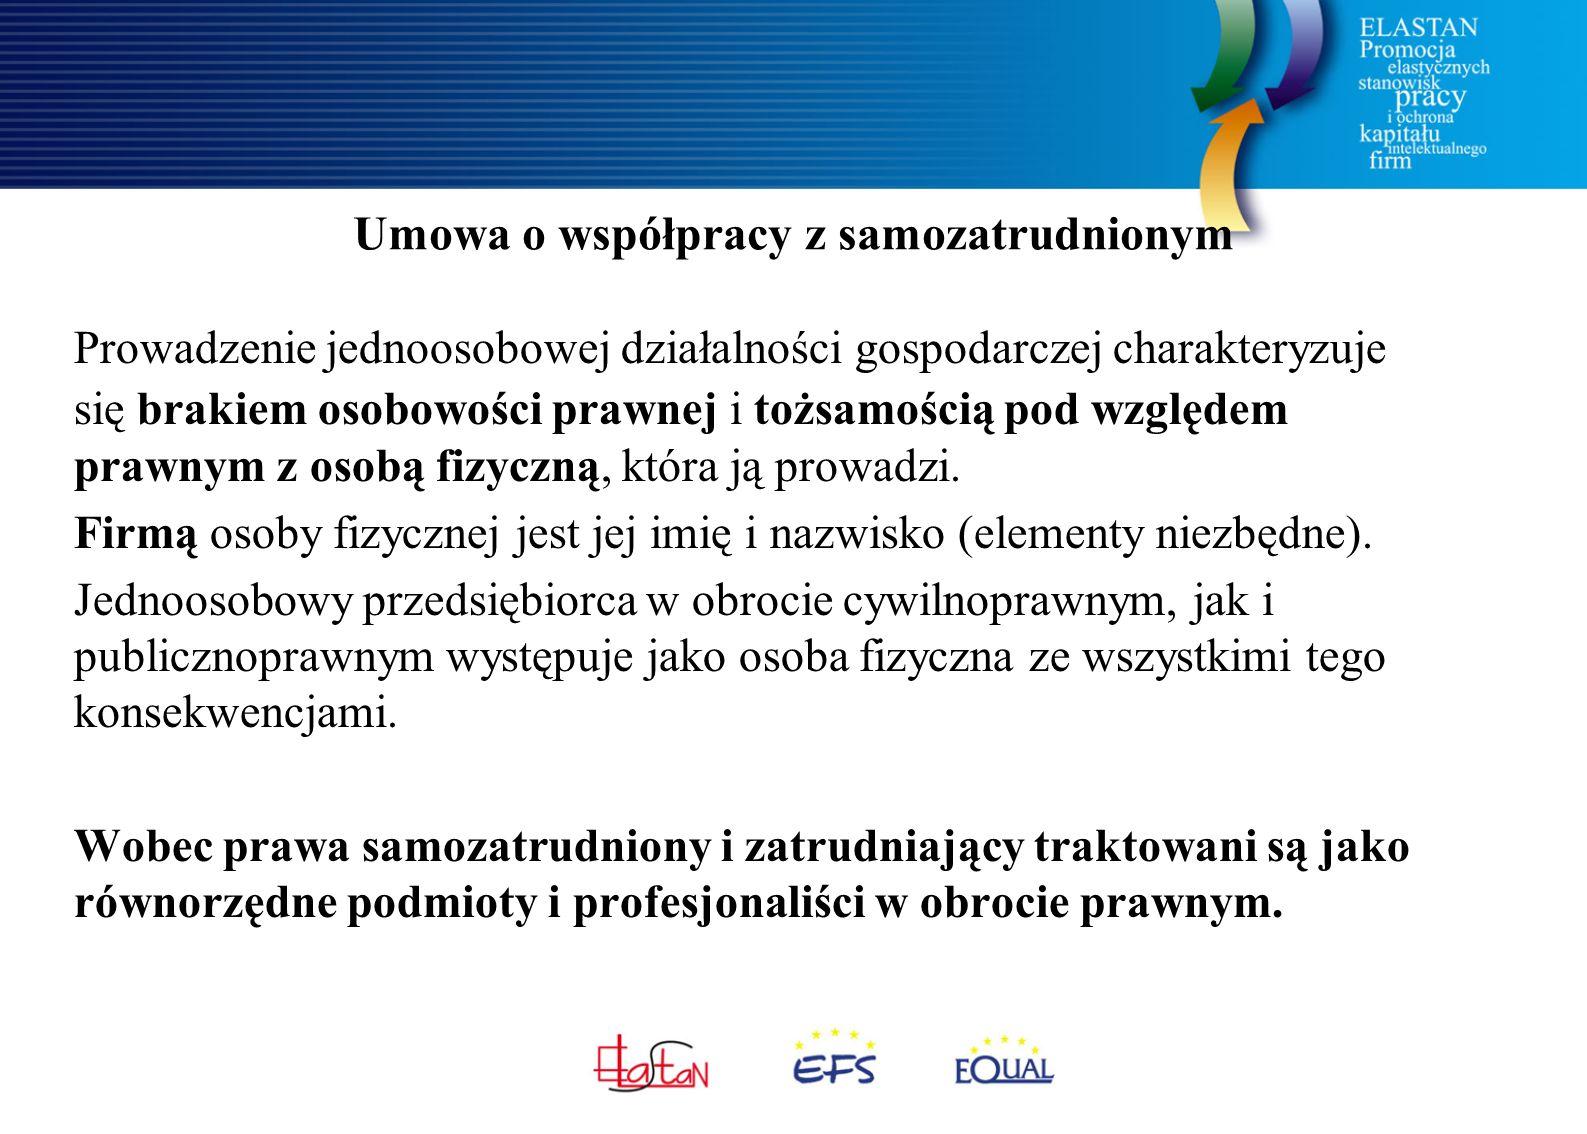 Umowa o współpracy z samozatrudnionym Prowadzenie jednoosobowej działalności gospodarczej charakteryzuje się brakiem osobowości prawnej i tożsamością pod względem prawnym z osobą fizyczną, która ją prowadzi.